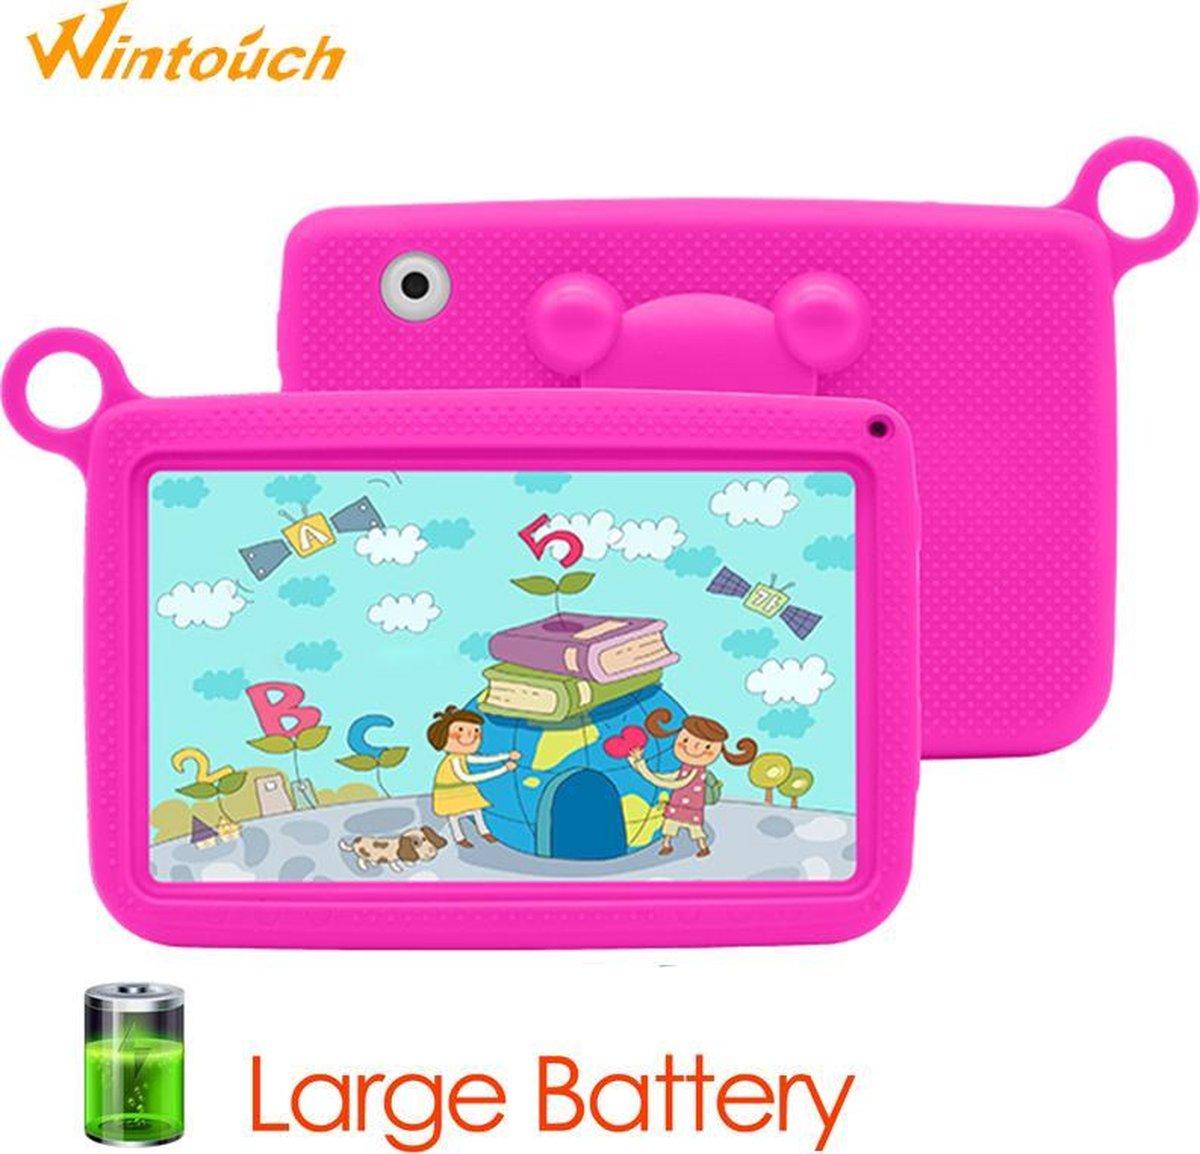 Kindertablet Pro Roze - Tablet 7 inch - 16 GB opslag - Kinder tablet - Android 8.1 - vanaf 3 jaar - tablets kinderen - kids tablet - Scherp HD beeld - leerzame voor kinderen - Wifi Bluetooth - voor-achter camera - Play store - uitstekende batterij